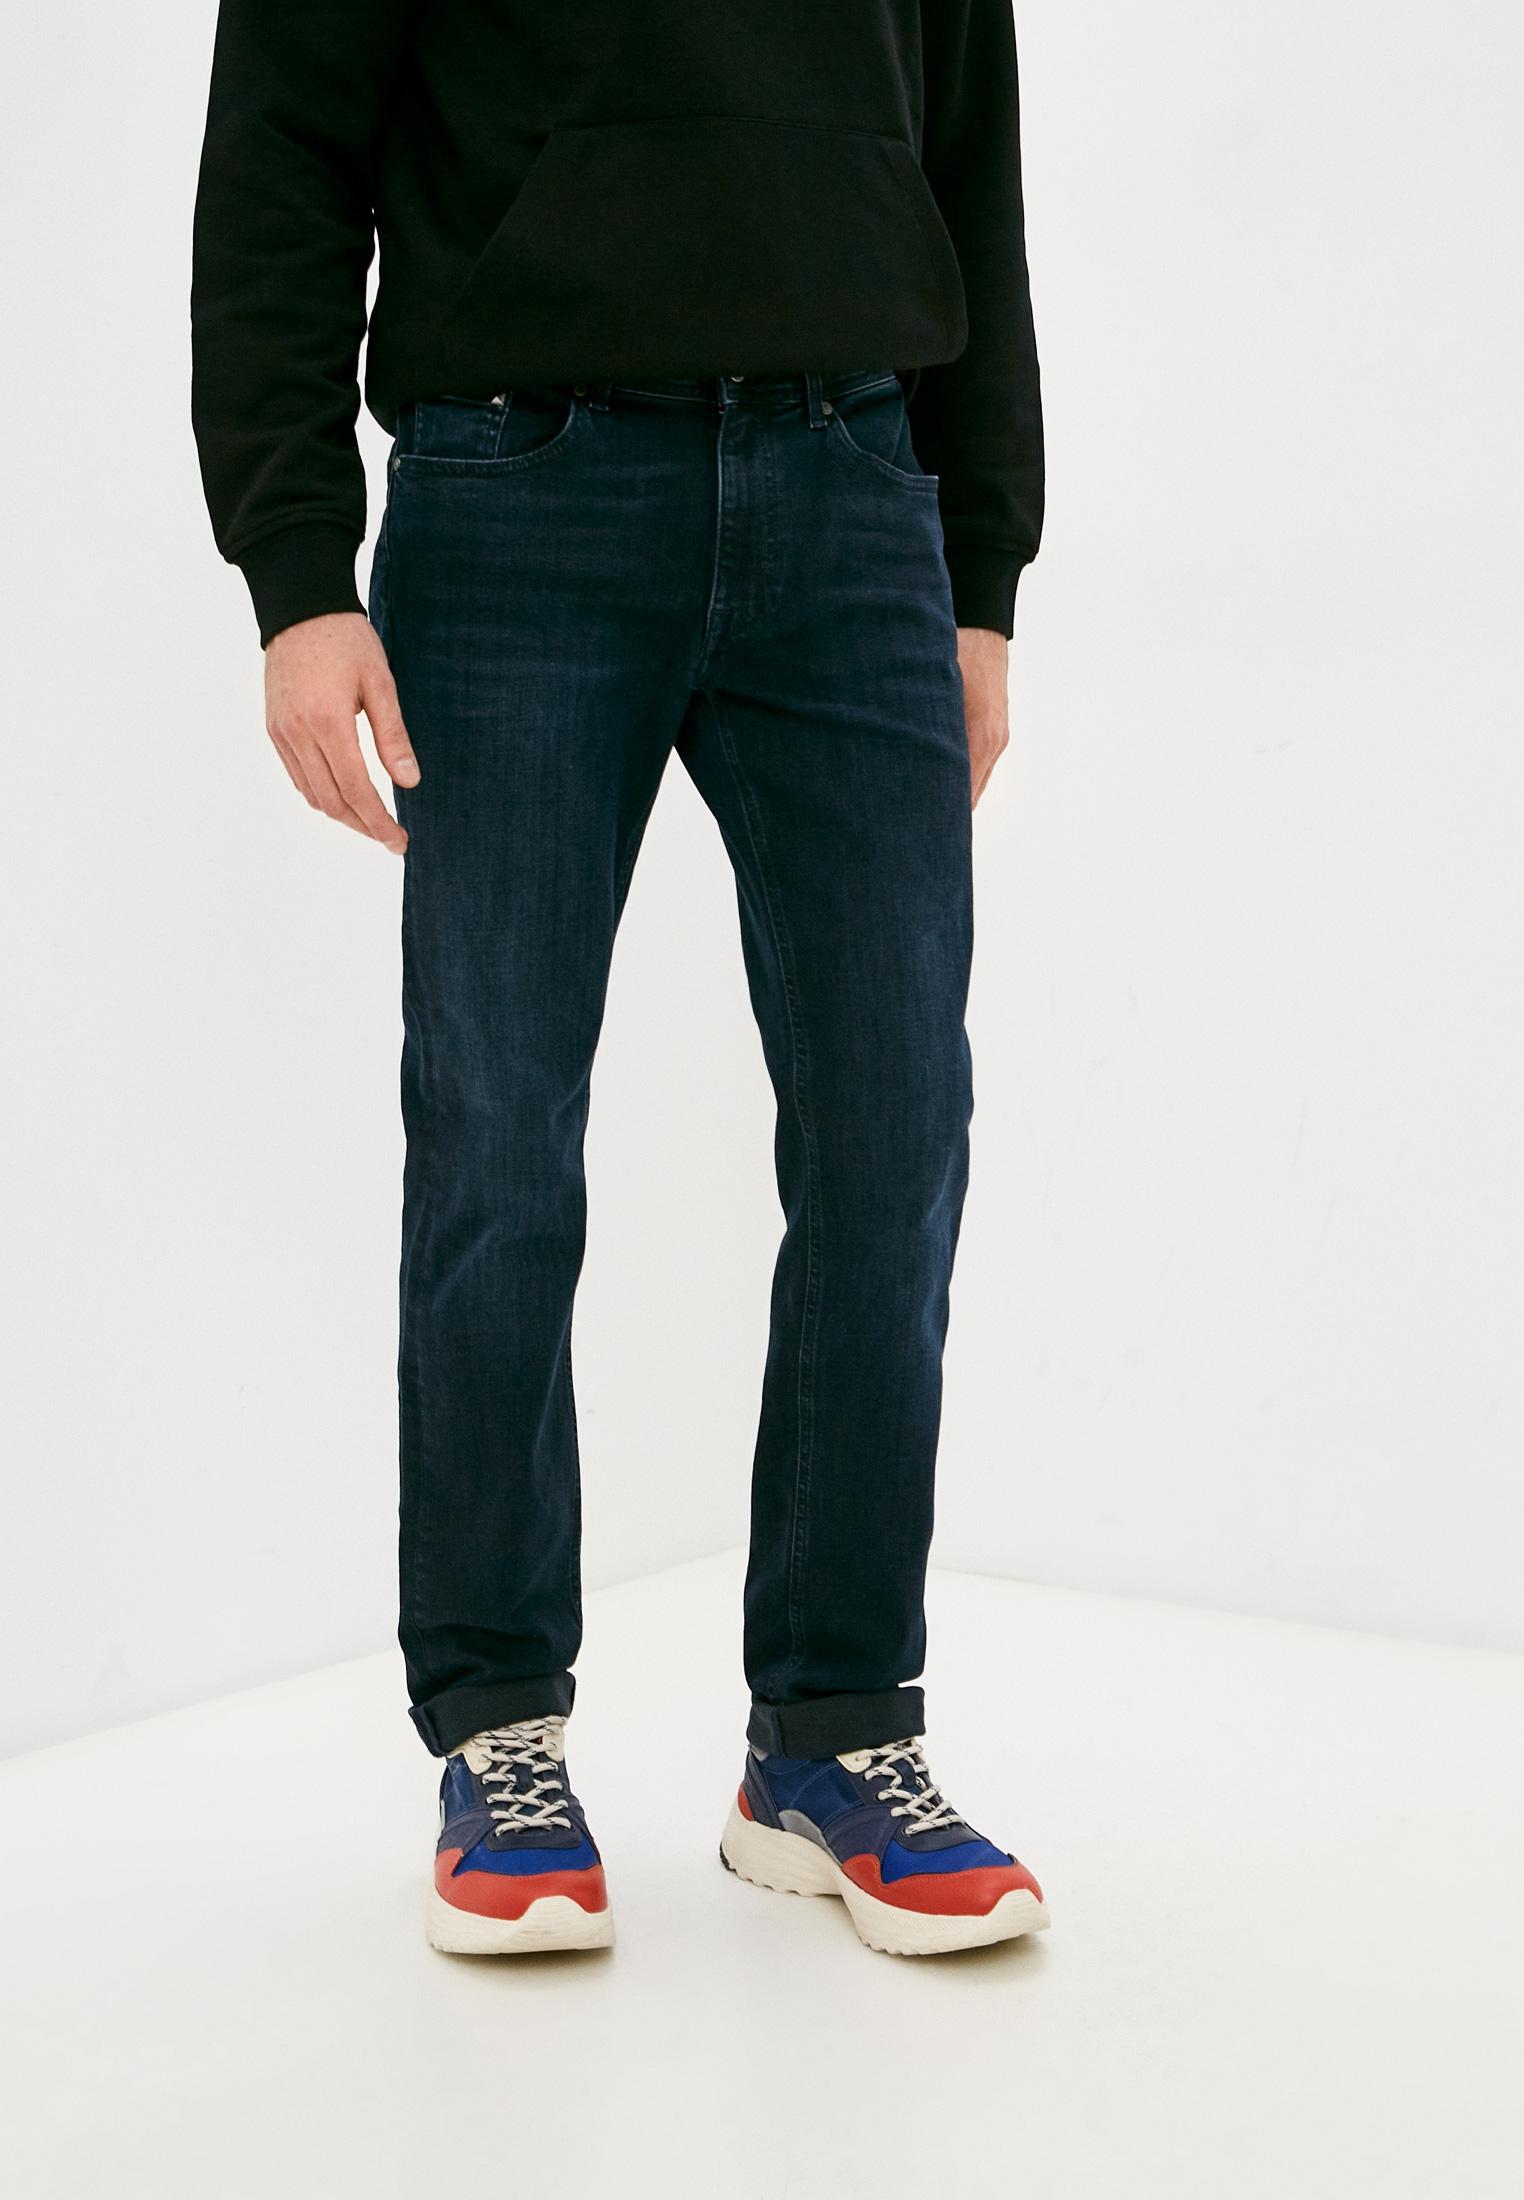 Мужские прямые джинсы Karl Lagerfeld Джинсы Karl Lagerfeld